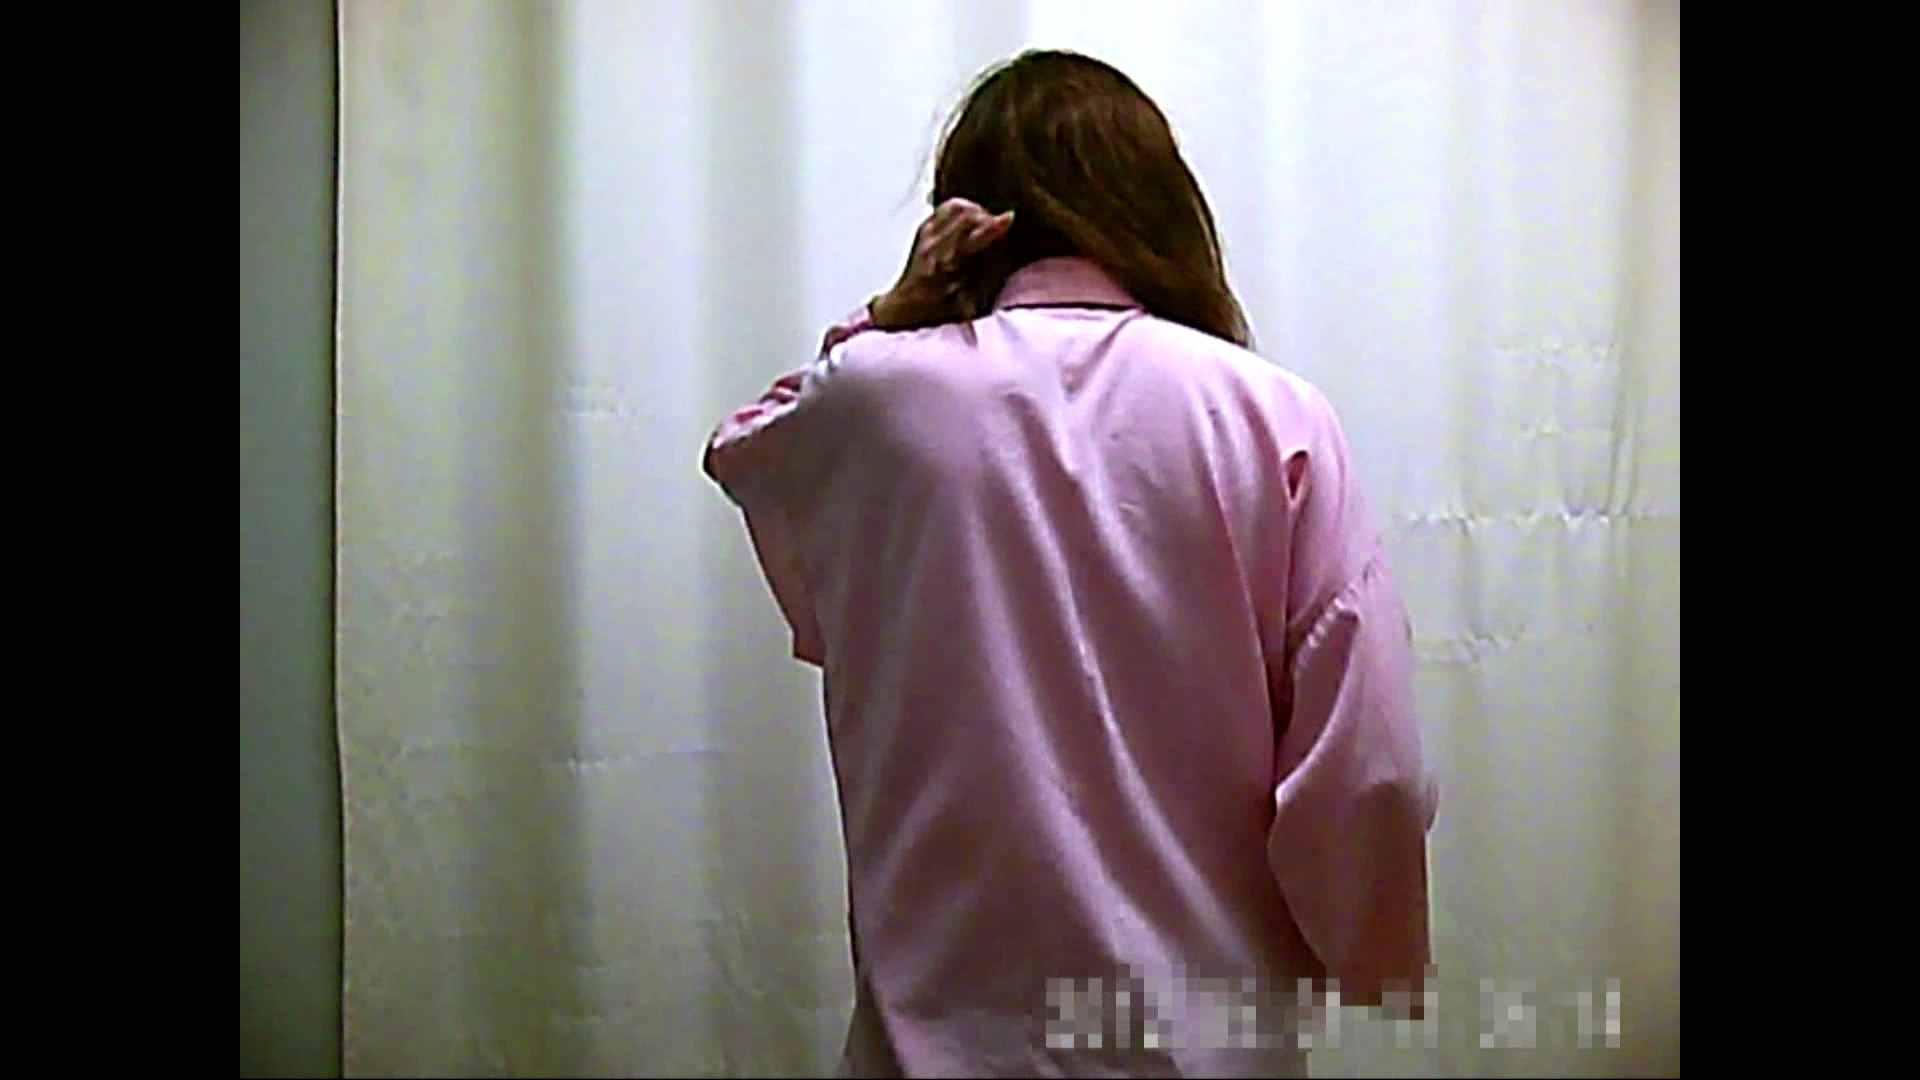 病院おもいっきり着替え! vol.293 盗撮師作品 AV動画キャプチャ 69pic 10